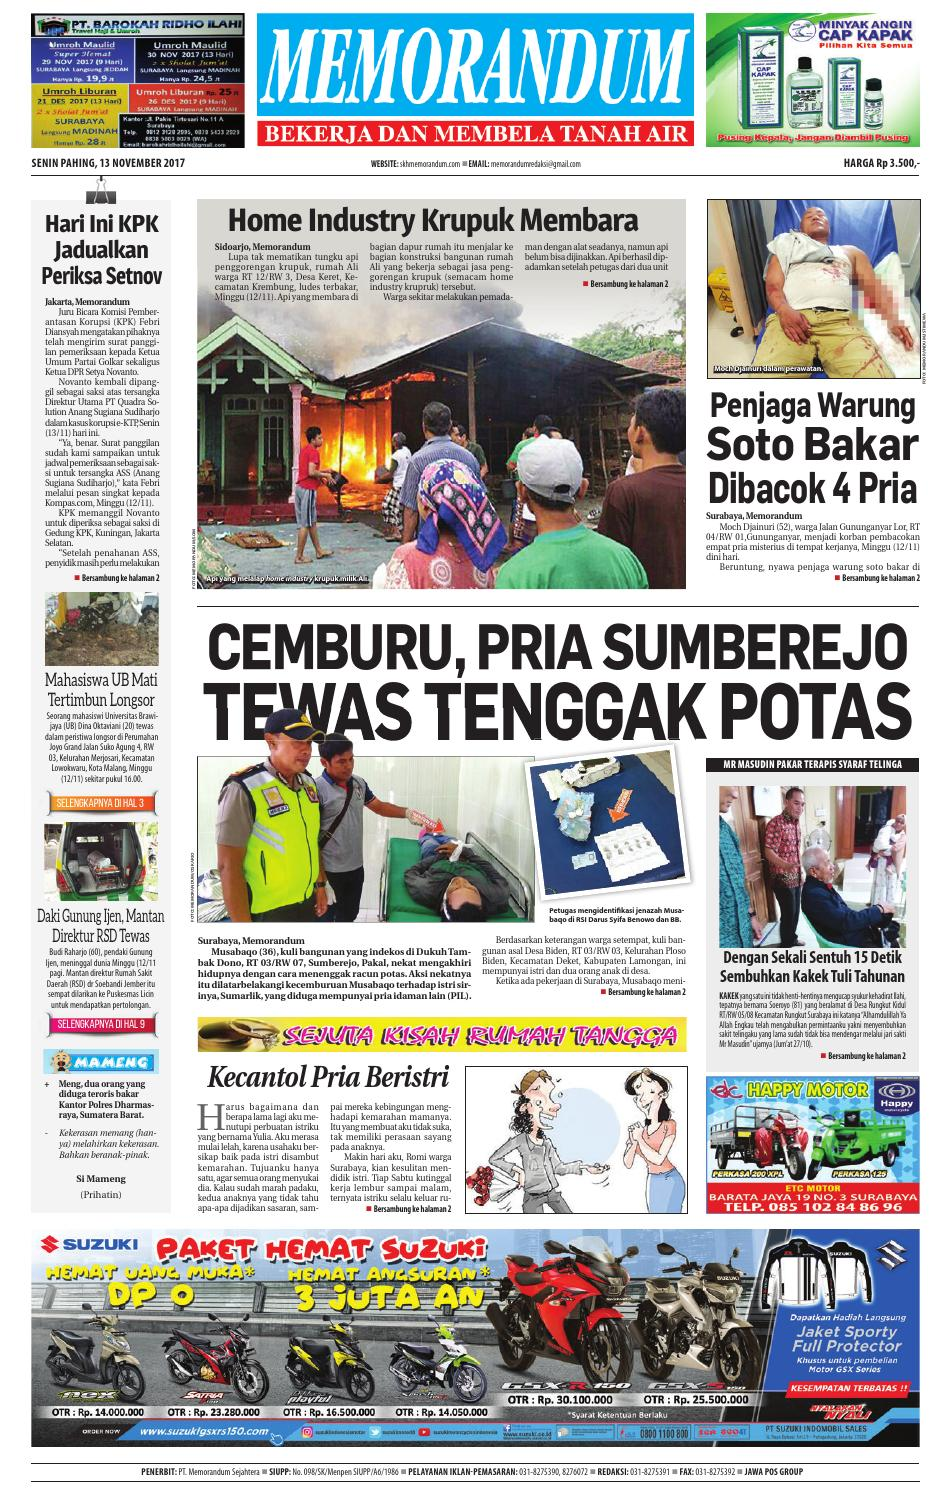 Harga Jual Produk Umk Pnm Mangkuk Batik Uk 23 Cm Terbaru 2018 3in1 Lusinan Sabun Beras Thailand K Brothers Tiga Manfaat Dlm 1 Jauh Lebih Memorandum Edisi 13 November 2017 By Issuu